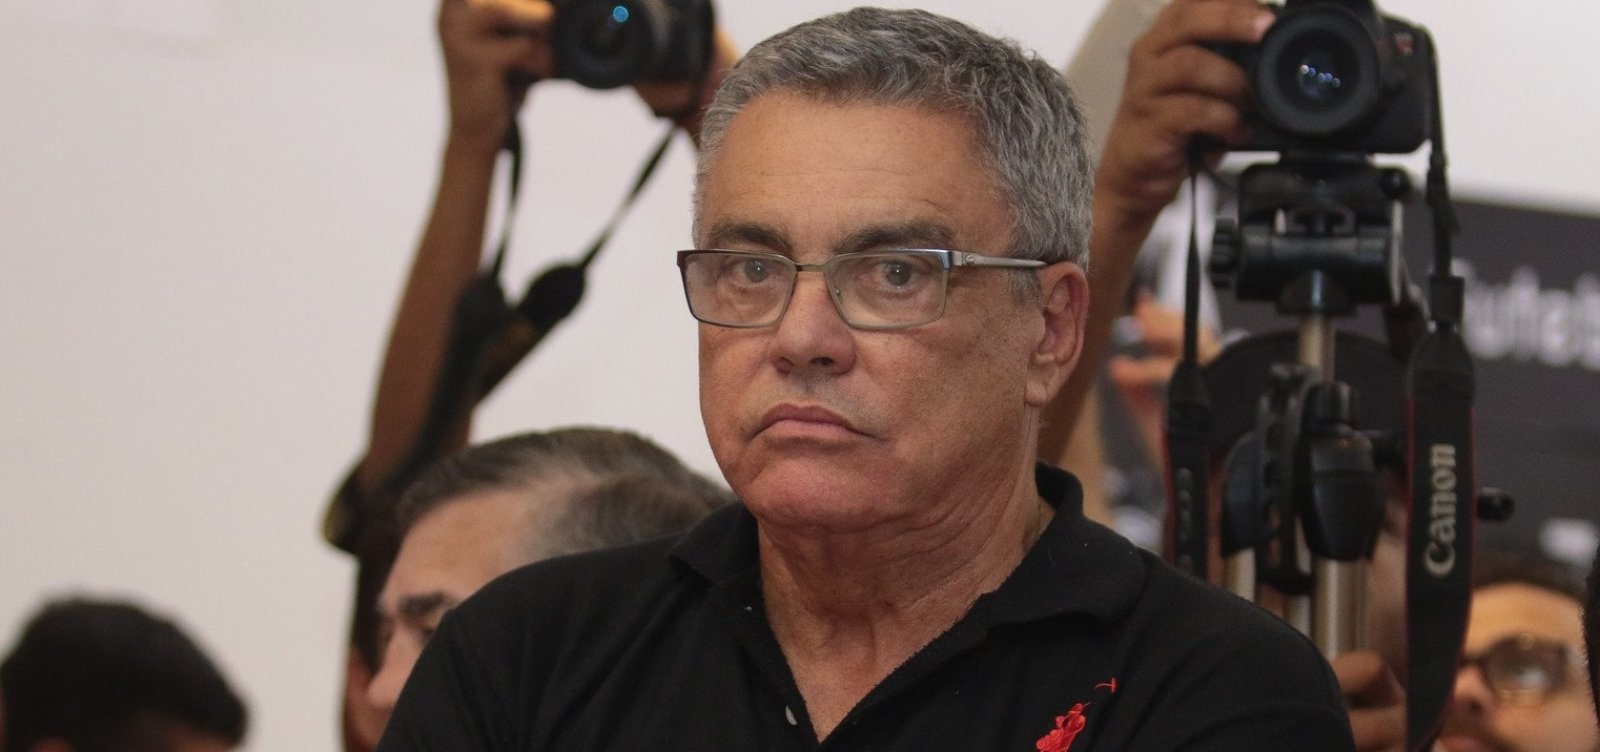 [STJD nega efeito suspensivo a presidente do Vitória]